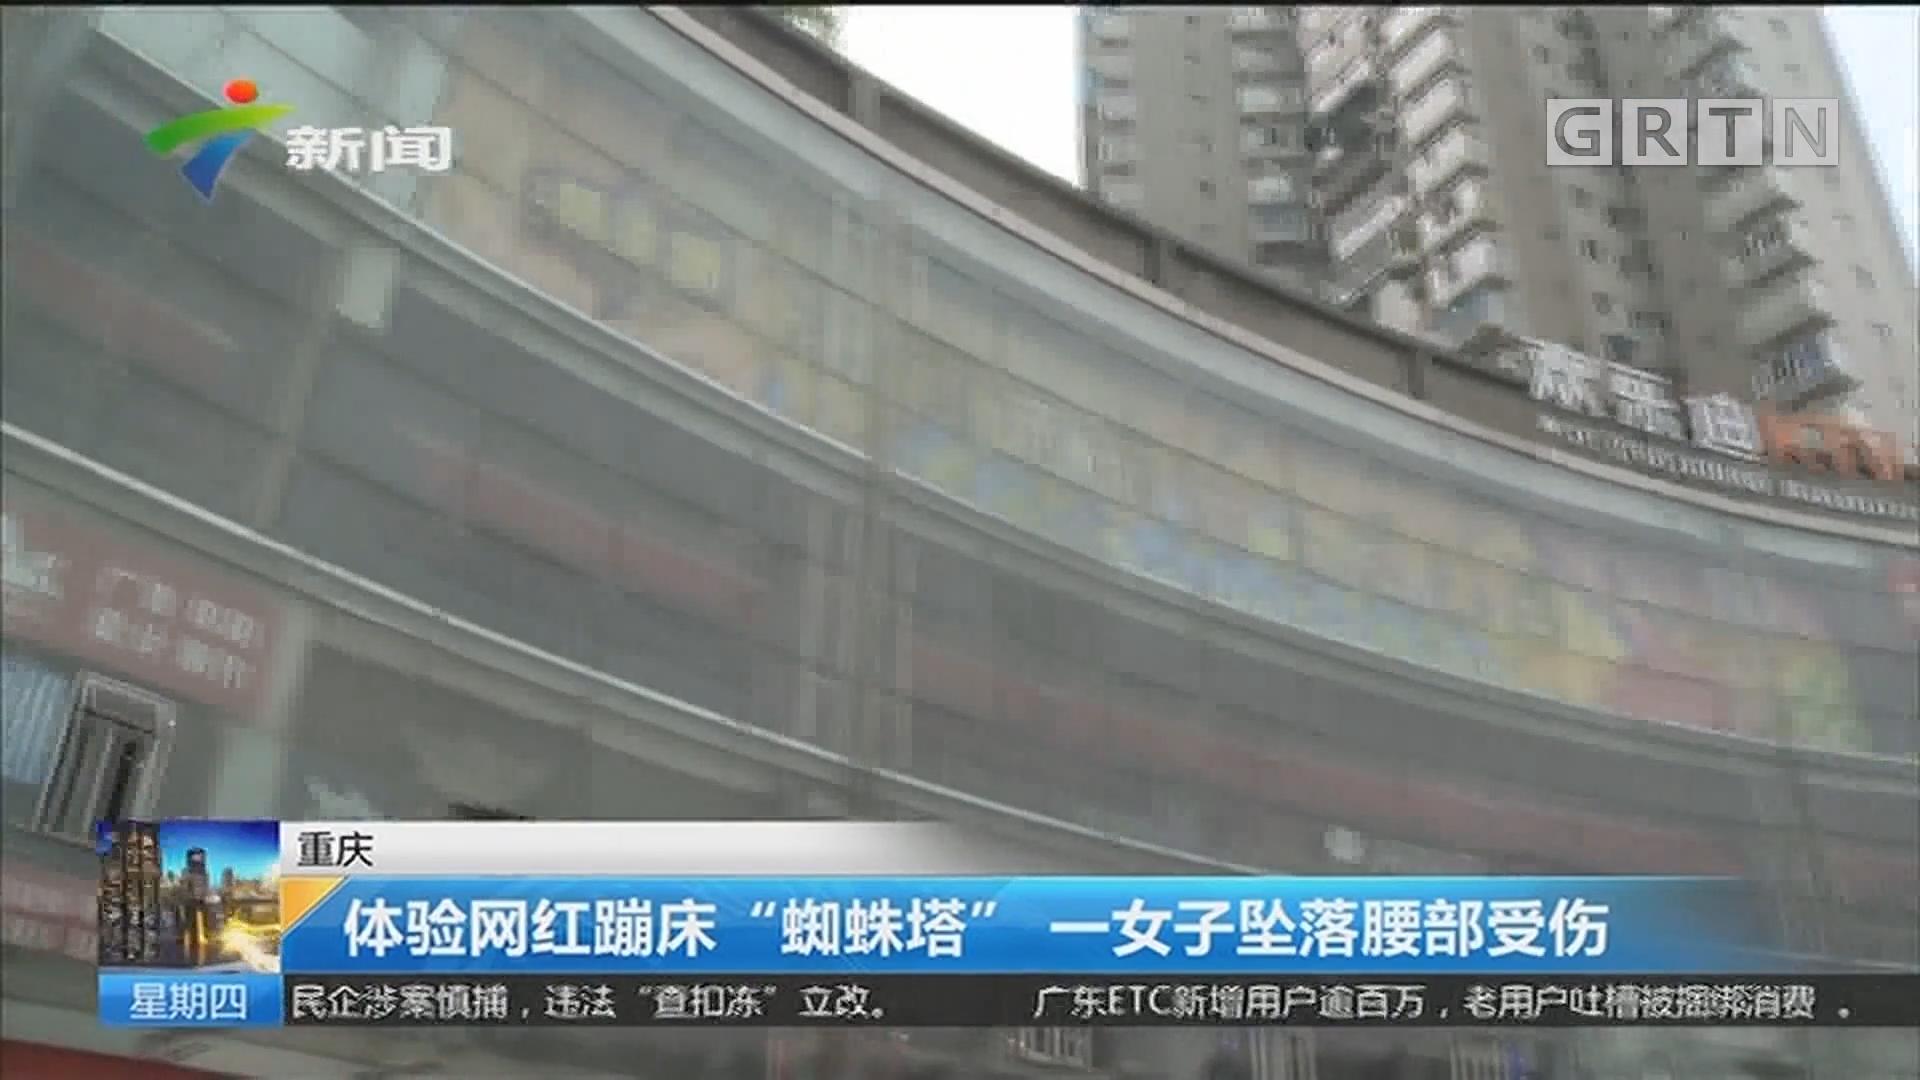 """重庆:体验网红蹦床""""蜘蛛塔"""" 一女子坠落腰部受伤"""